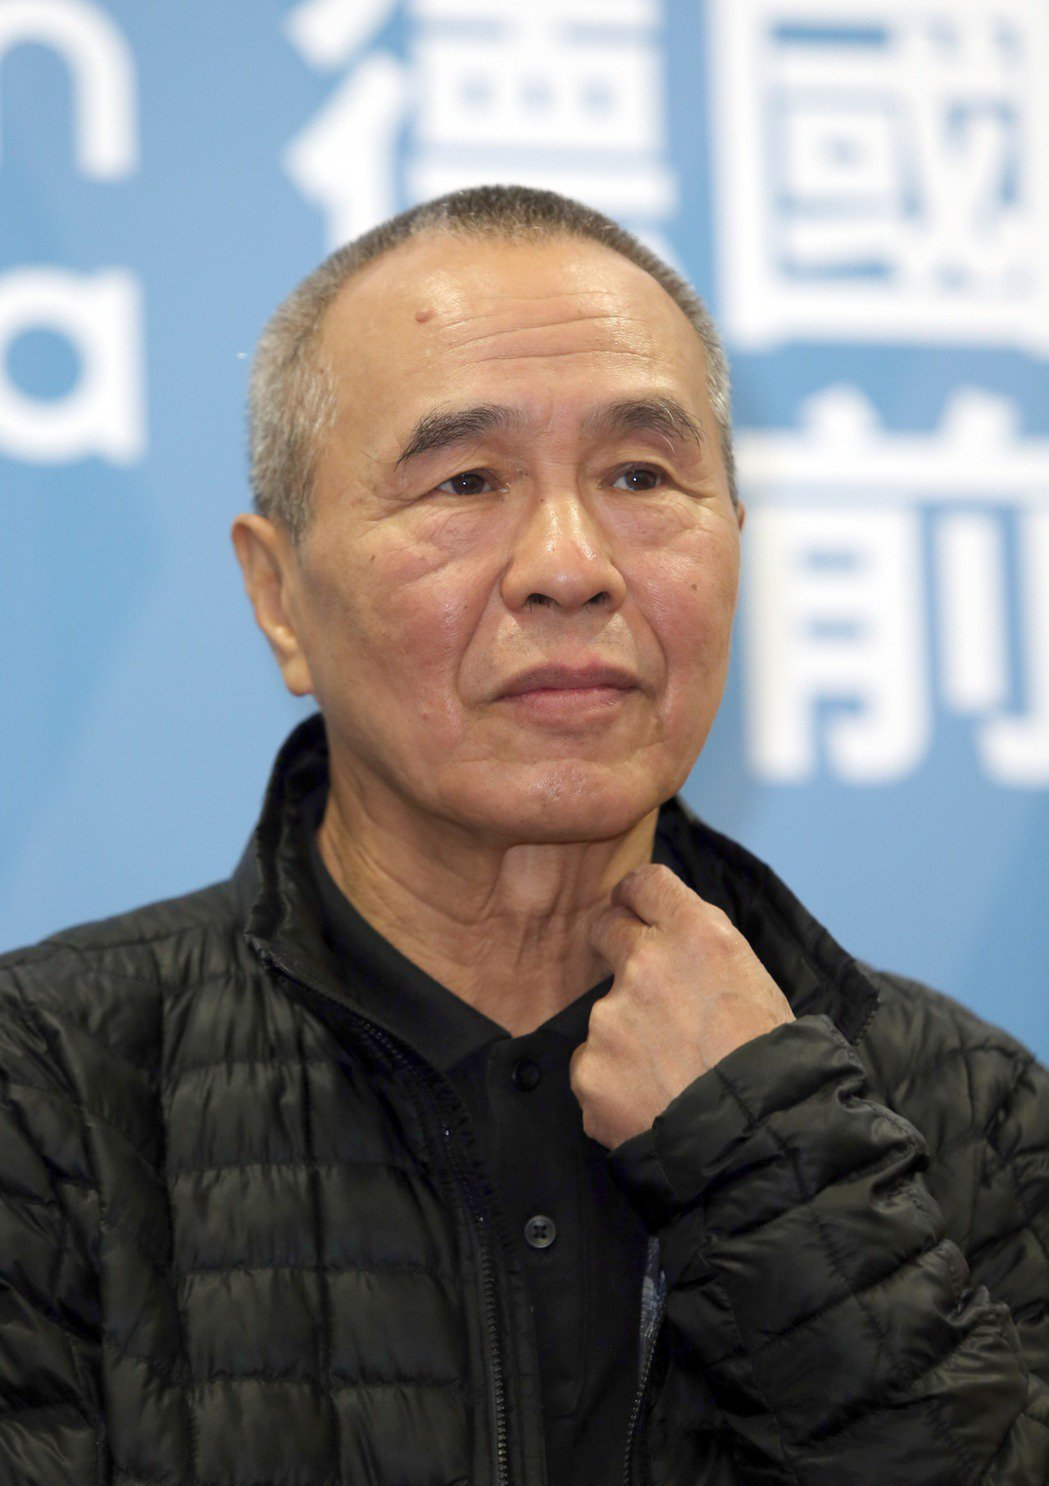 侯孝賢成為首位獲洛杉磯影評人協會頒發事業成就獎致敬的華人名導。圖/報系資料照片